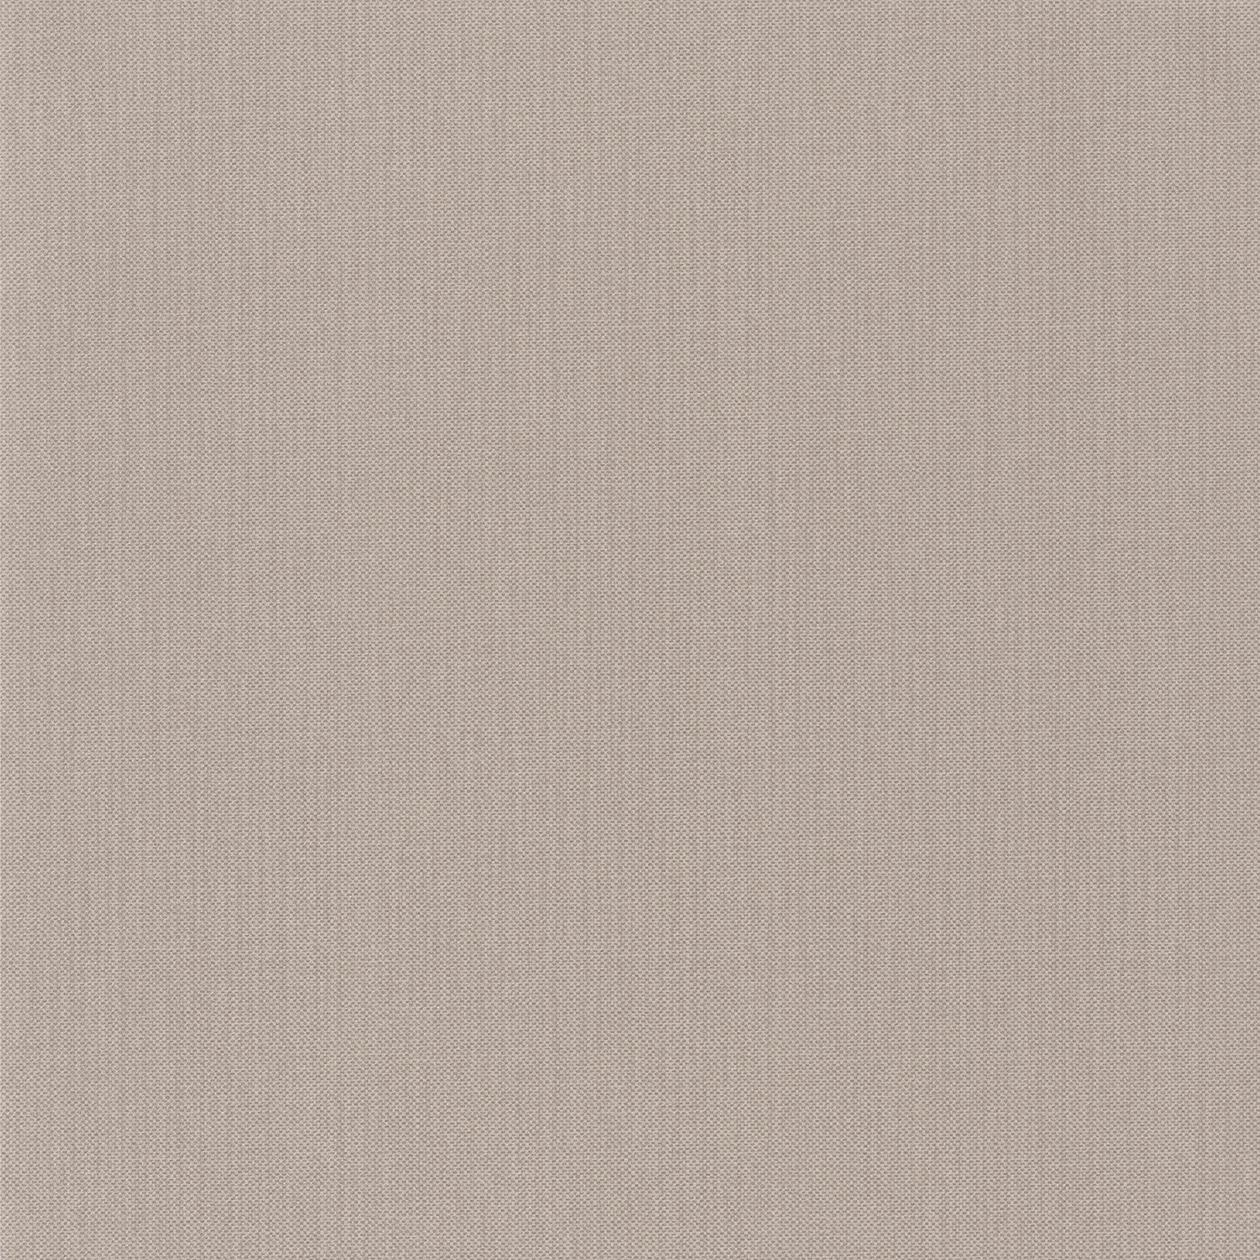 Обои Caselio Natte (53 см) 101561730